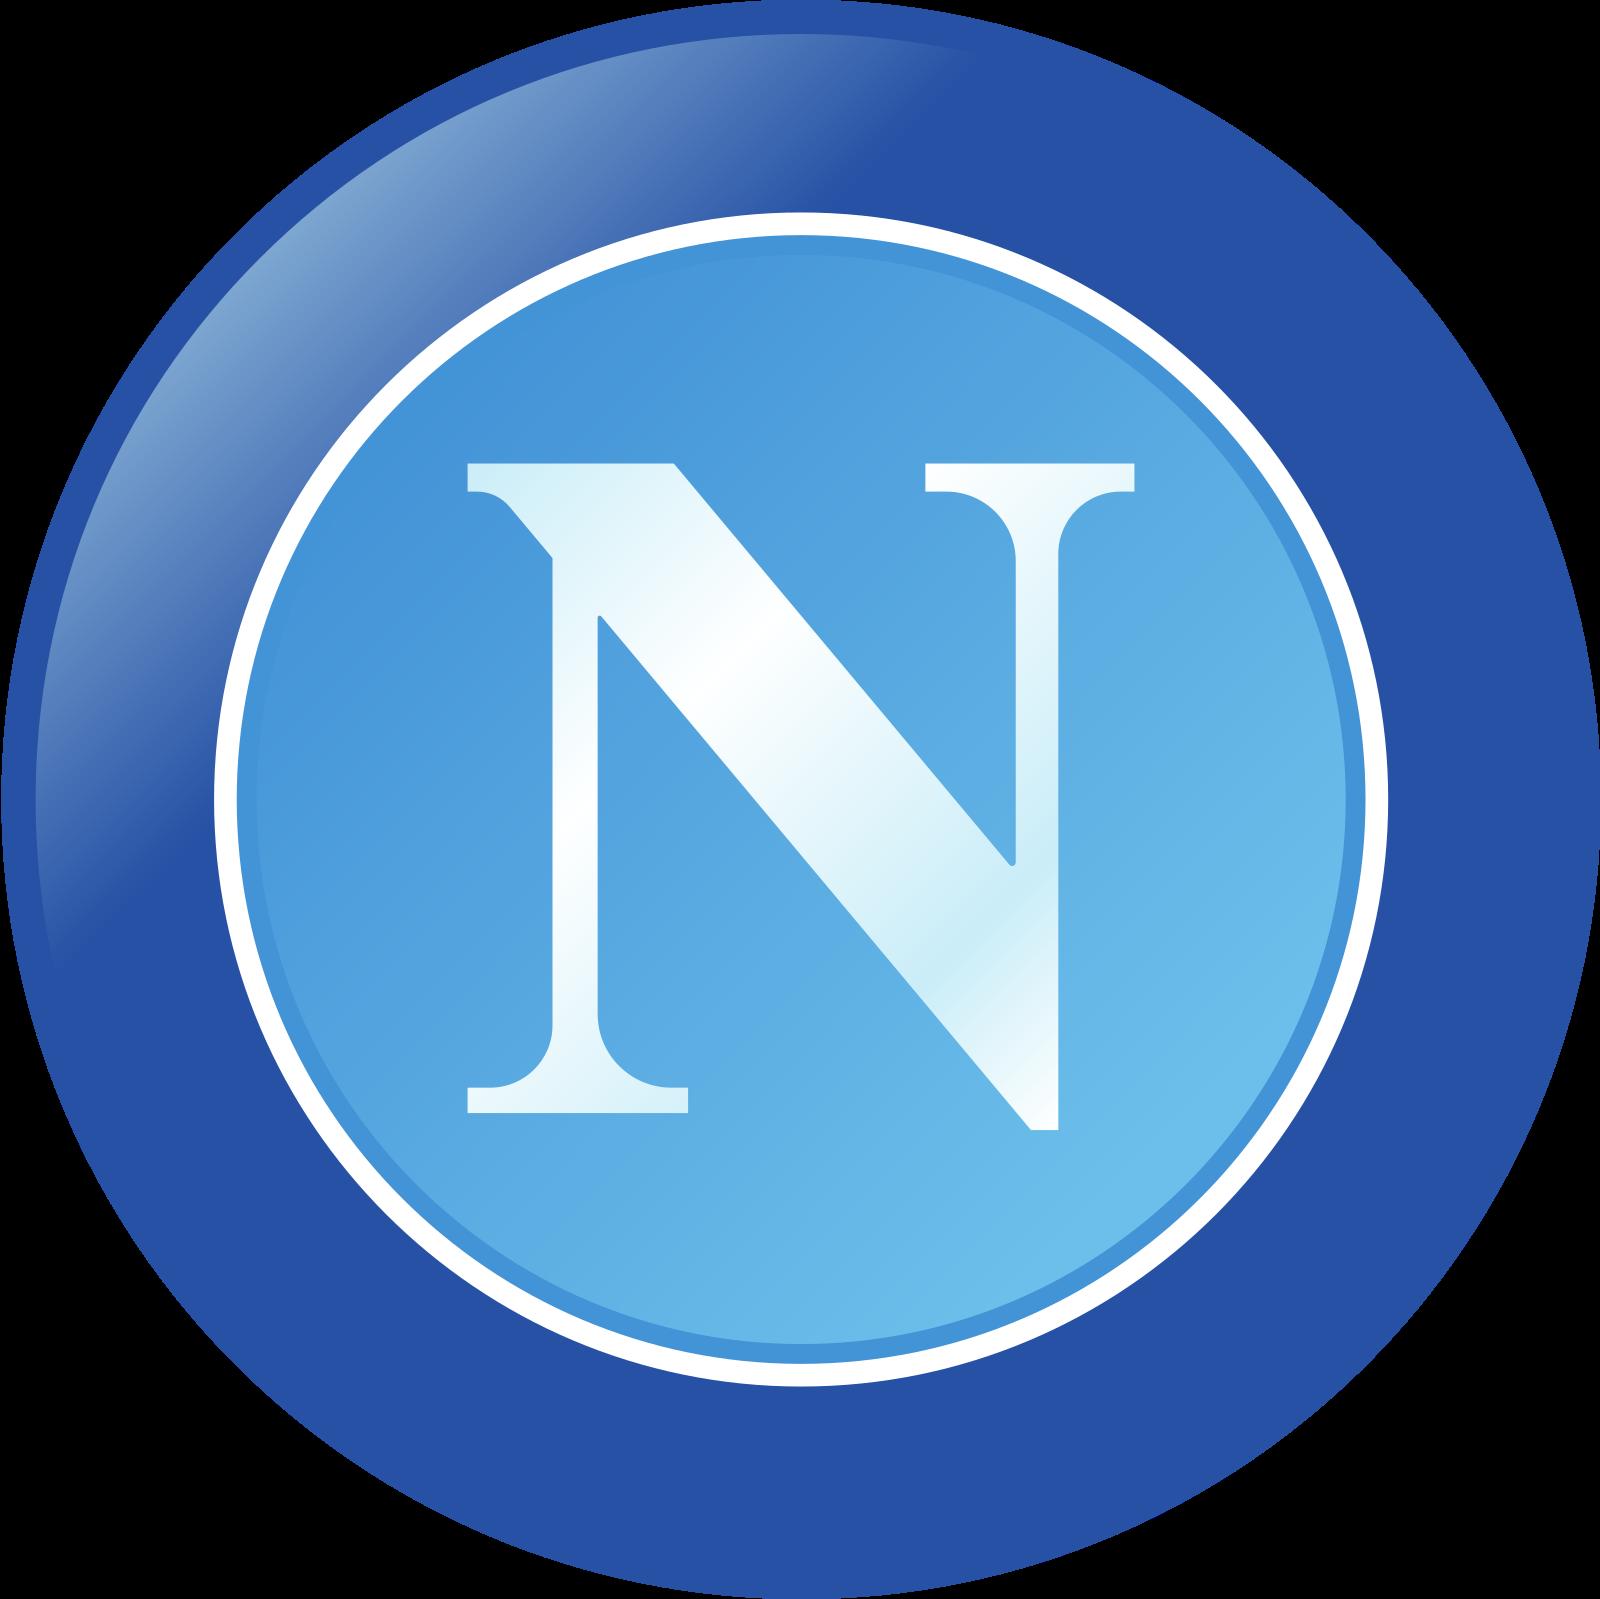 napoli logo escudo 2 - Napoli Logo - Escudo